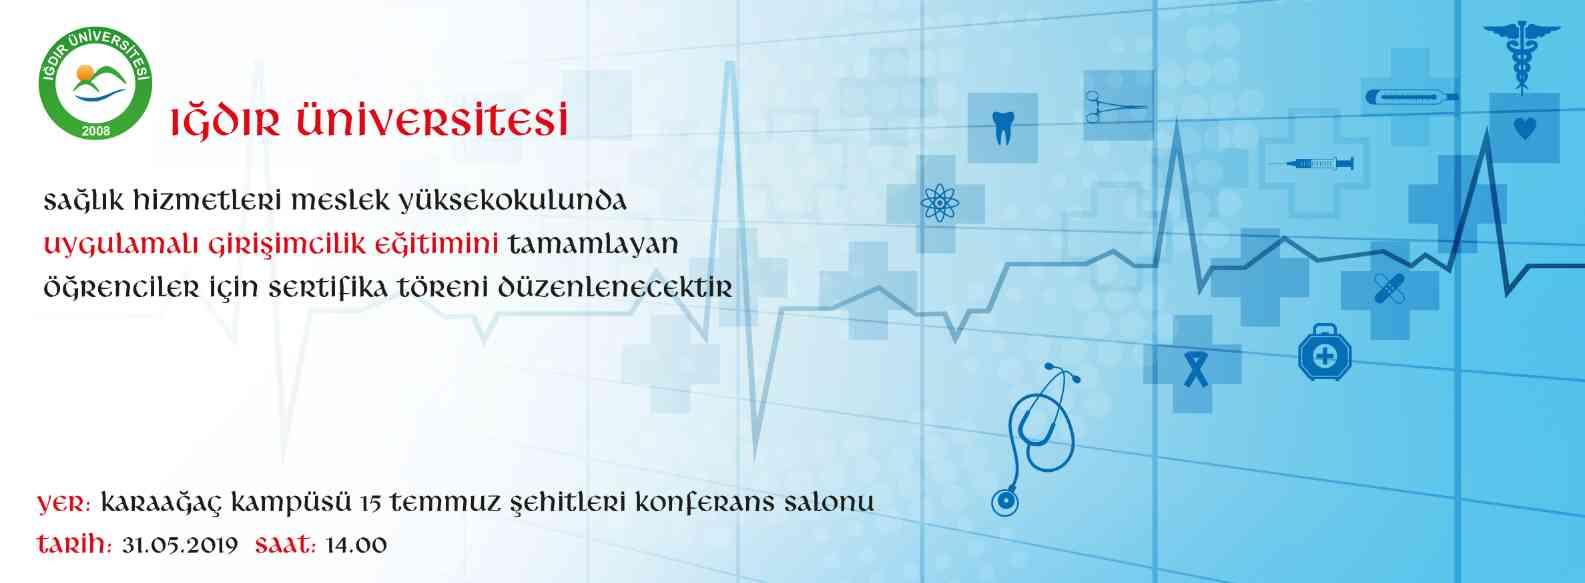 30-05-2019-saglik-girisimcilik-sertifika-banner-ı.jpg